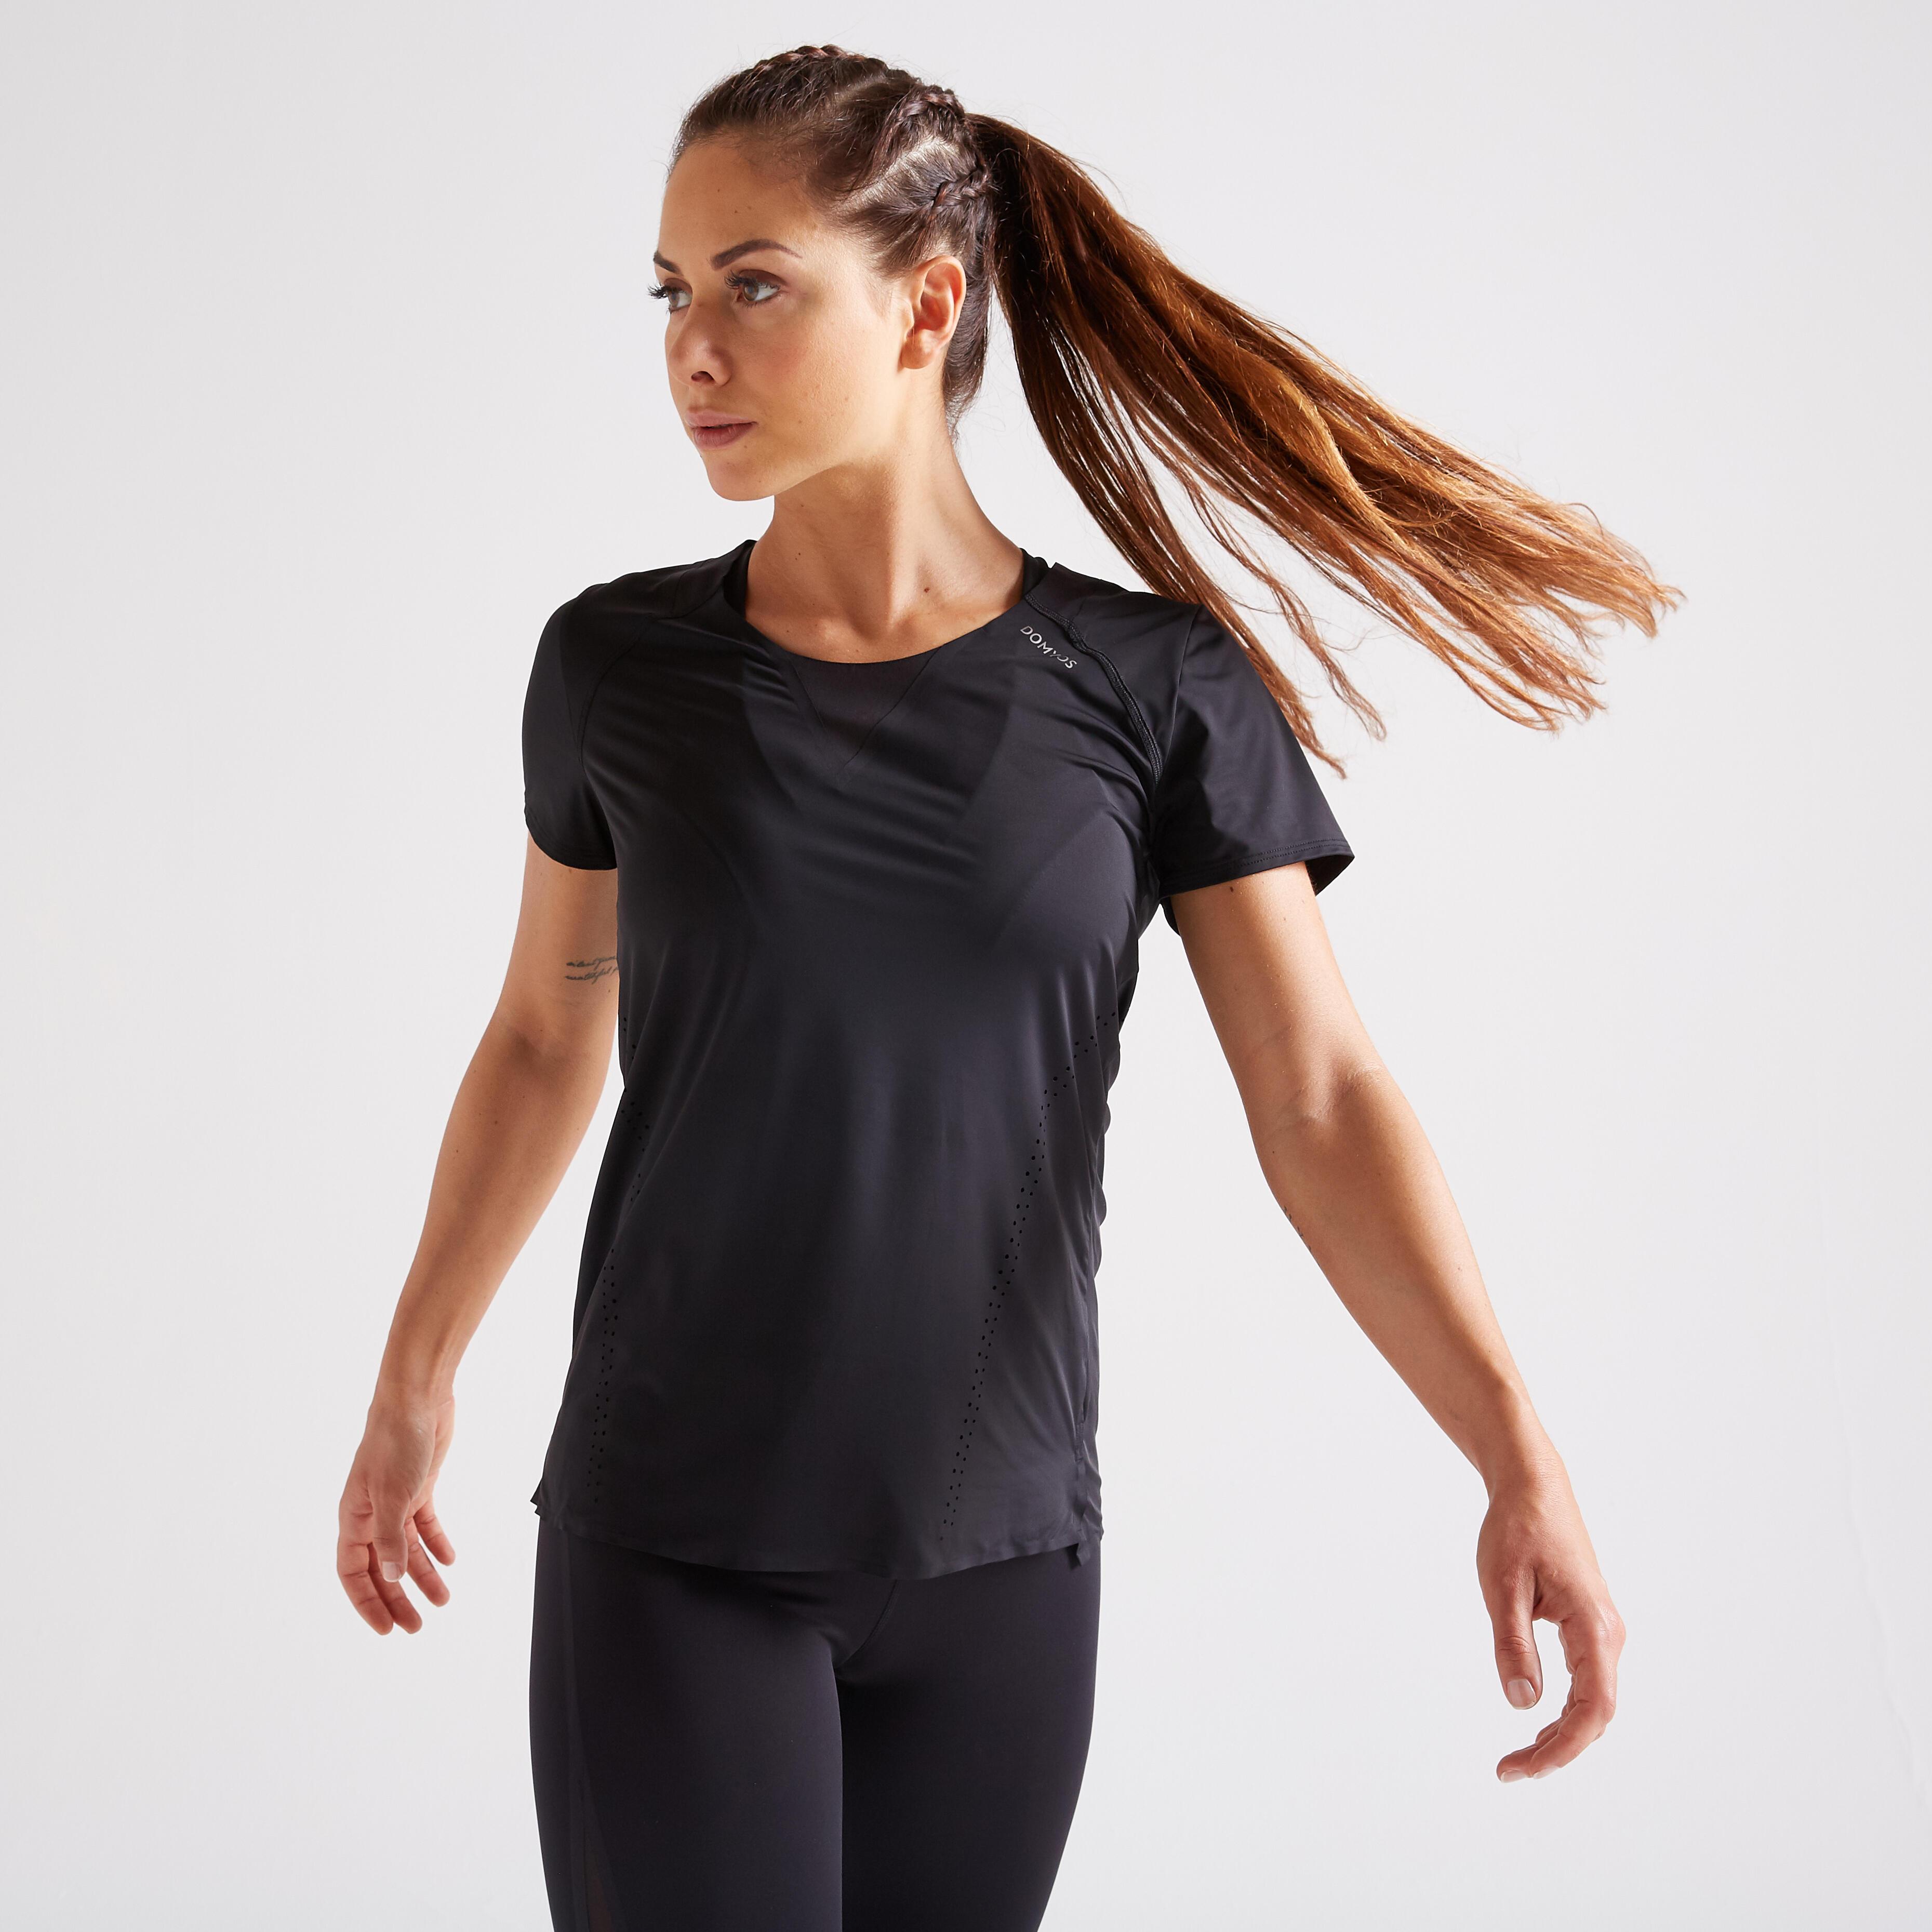 innovatives Design Website für Rabatt neuer Stil & Luxus Fitness Bekleidung | Sport zum besten Preis | Domyos | DECATHLON